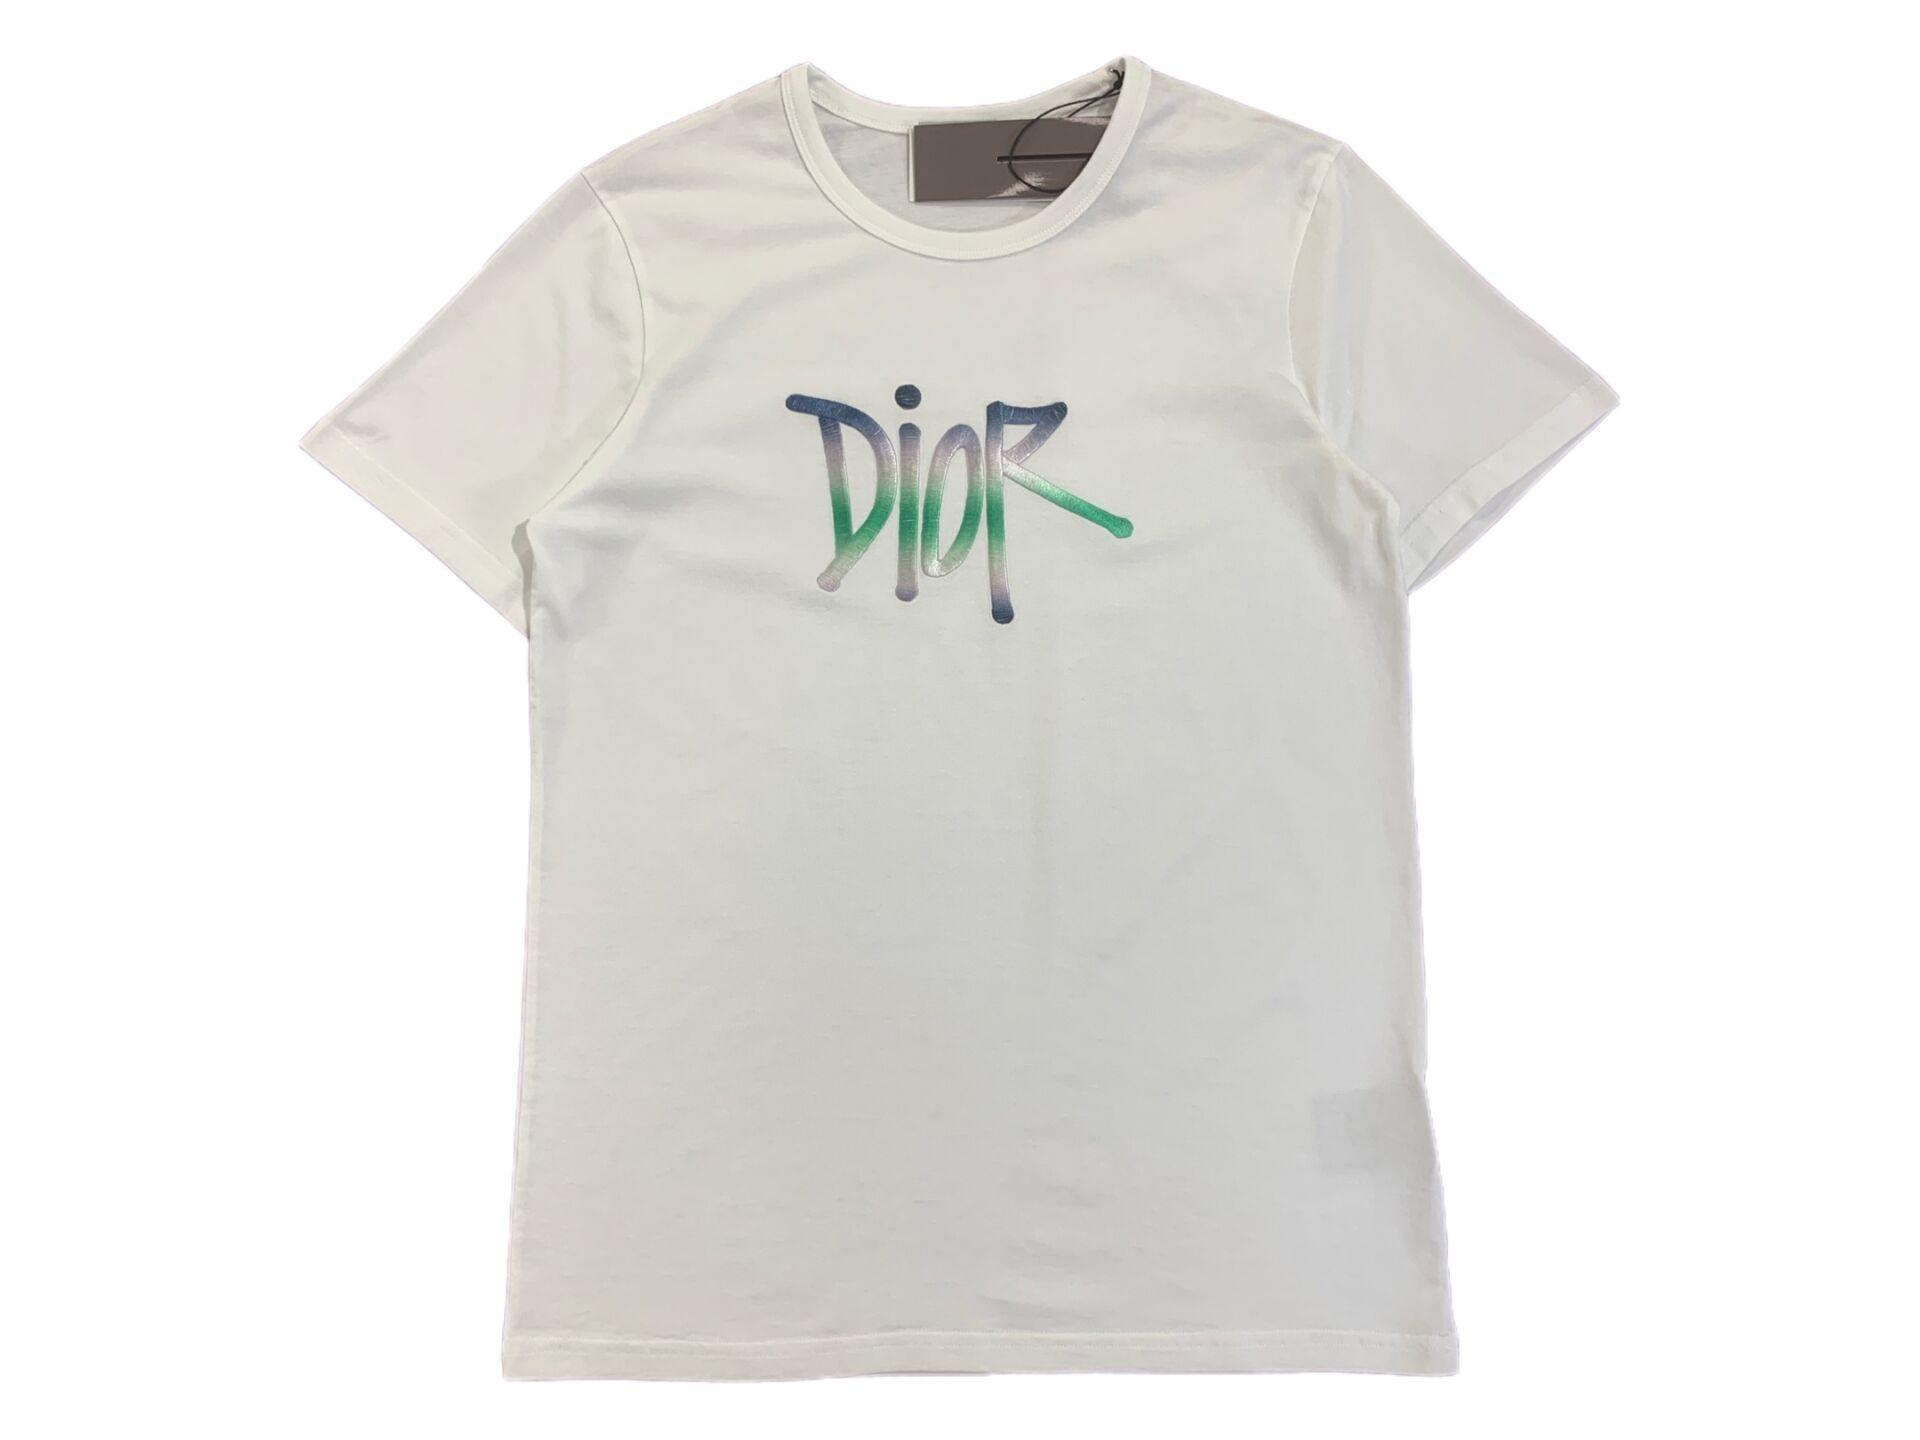 AND SHAWN OVERSIZED T-SHIRT White Cotton      tshirt      men tshirt   1